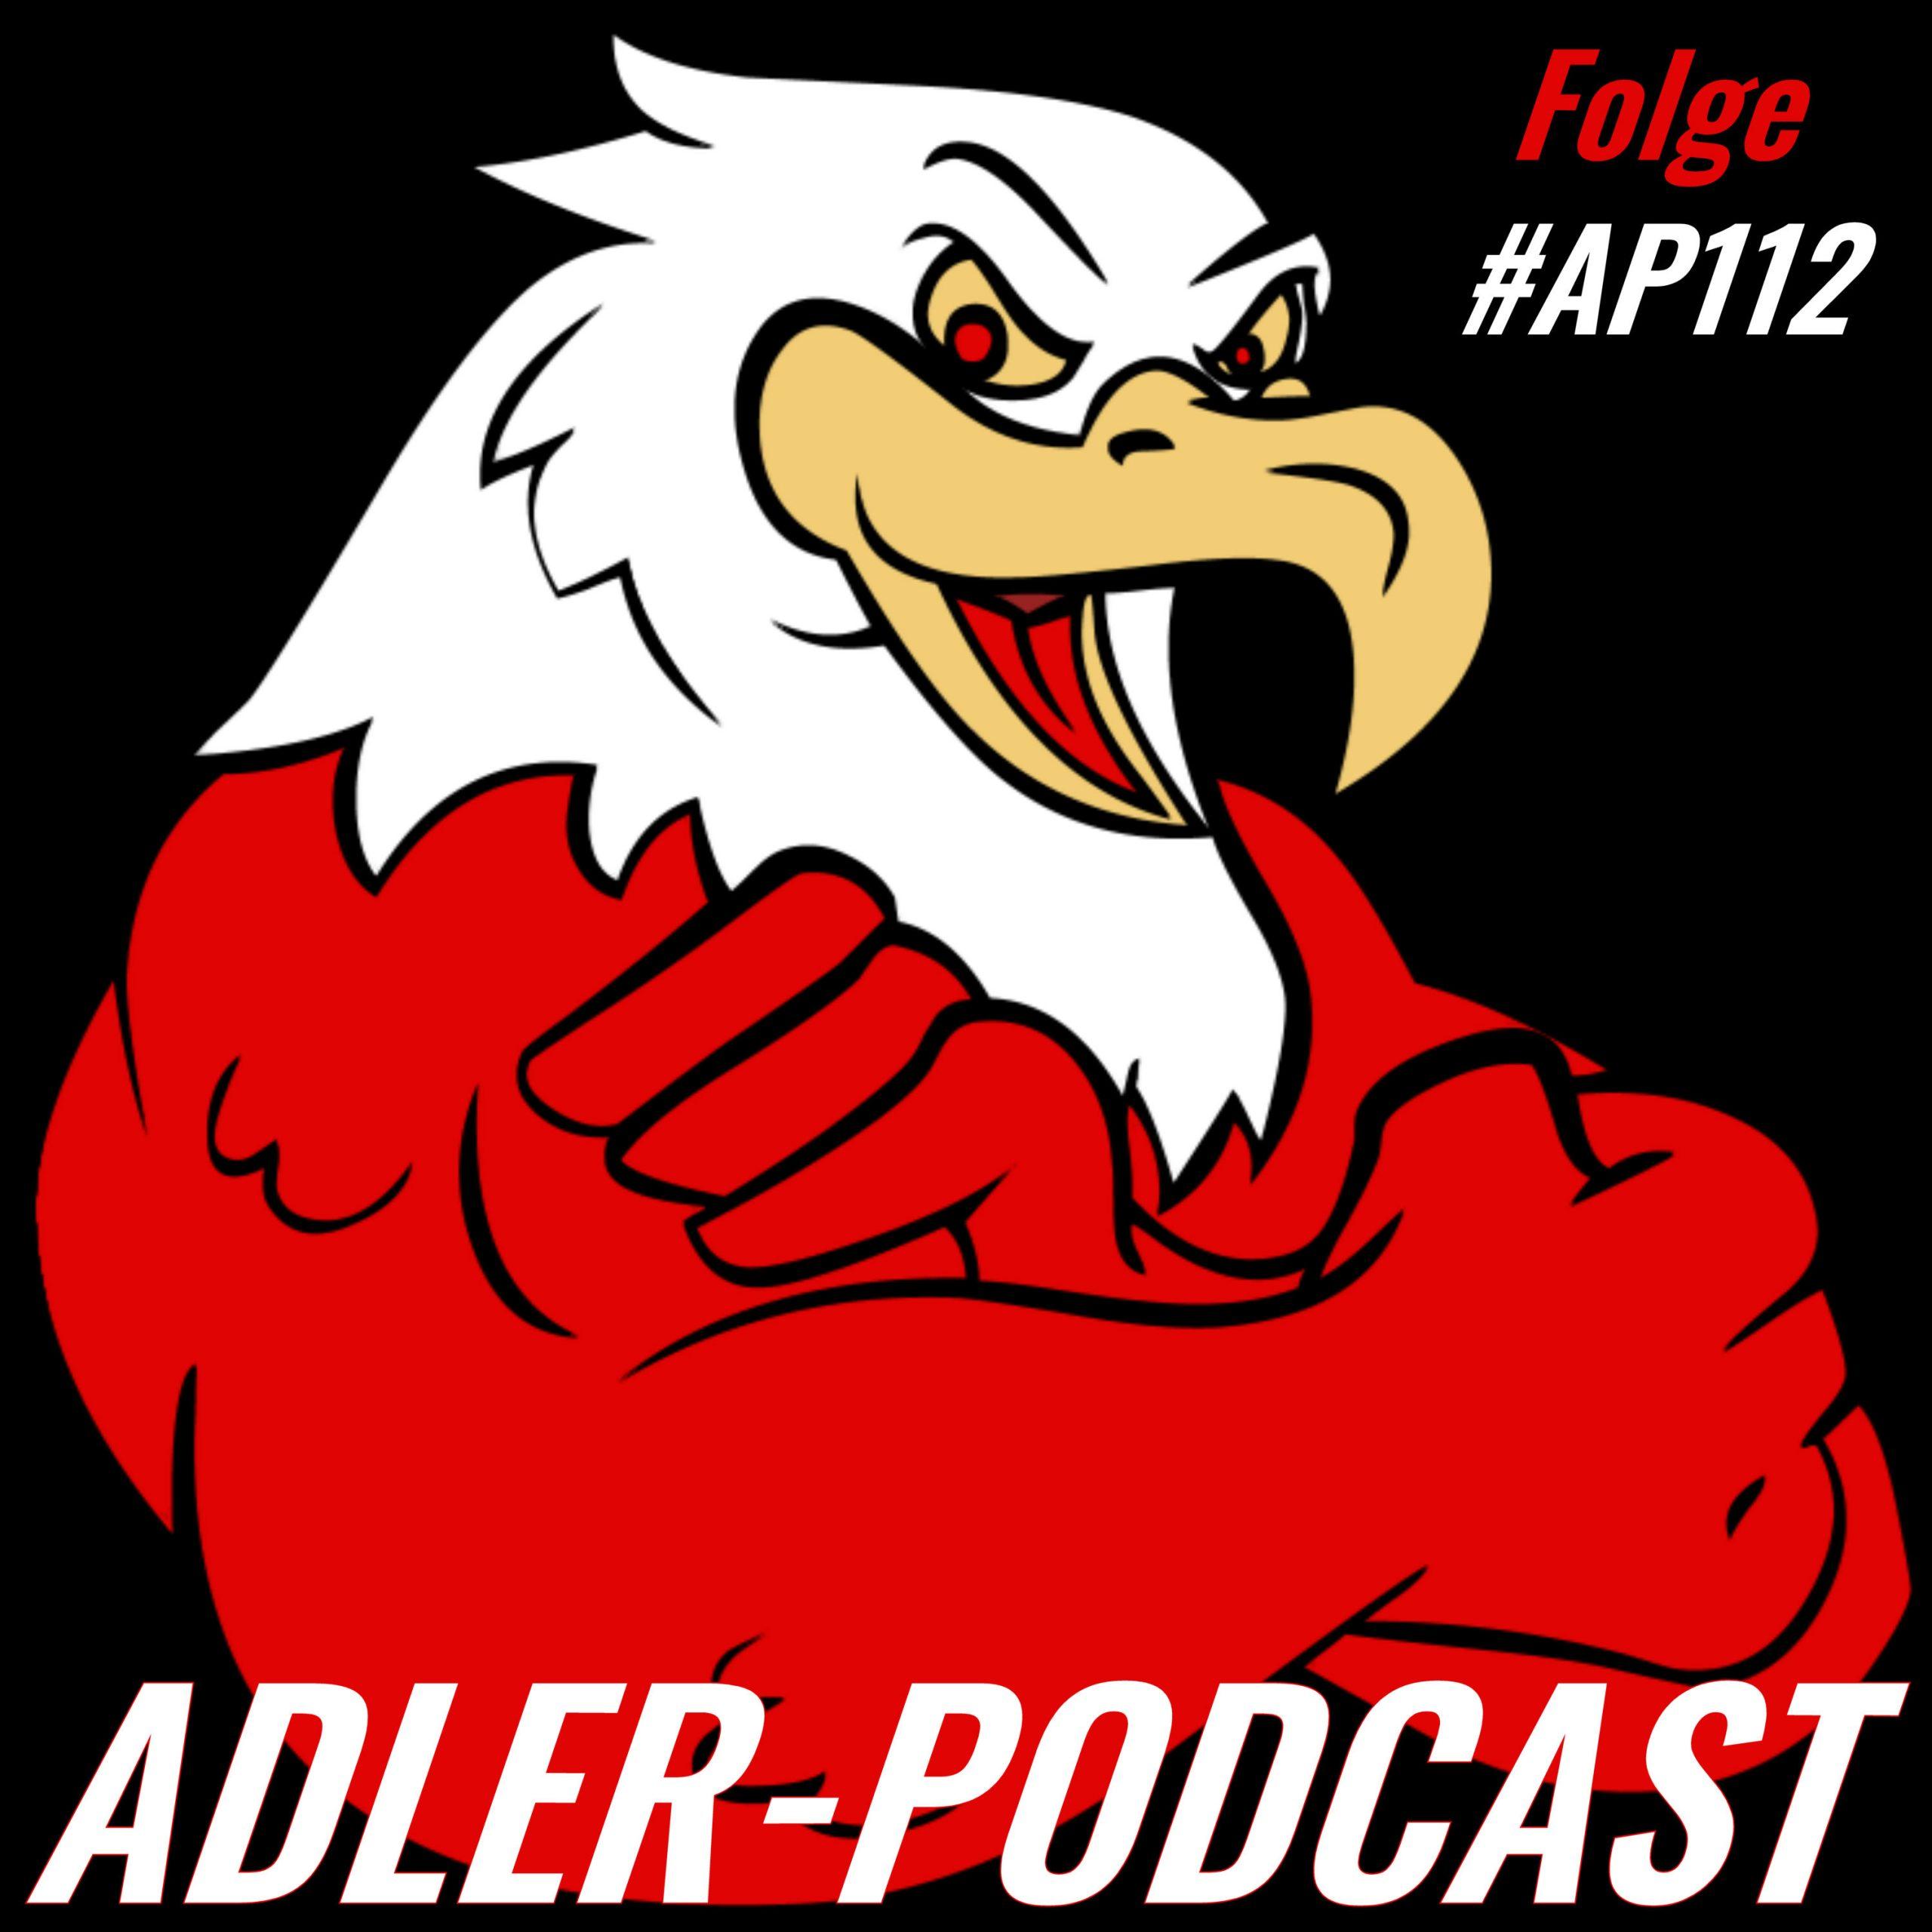 #AP112 - Ätttättschen, Ätttättschen!